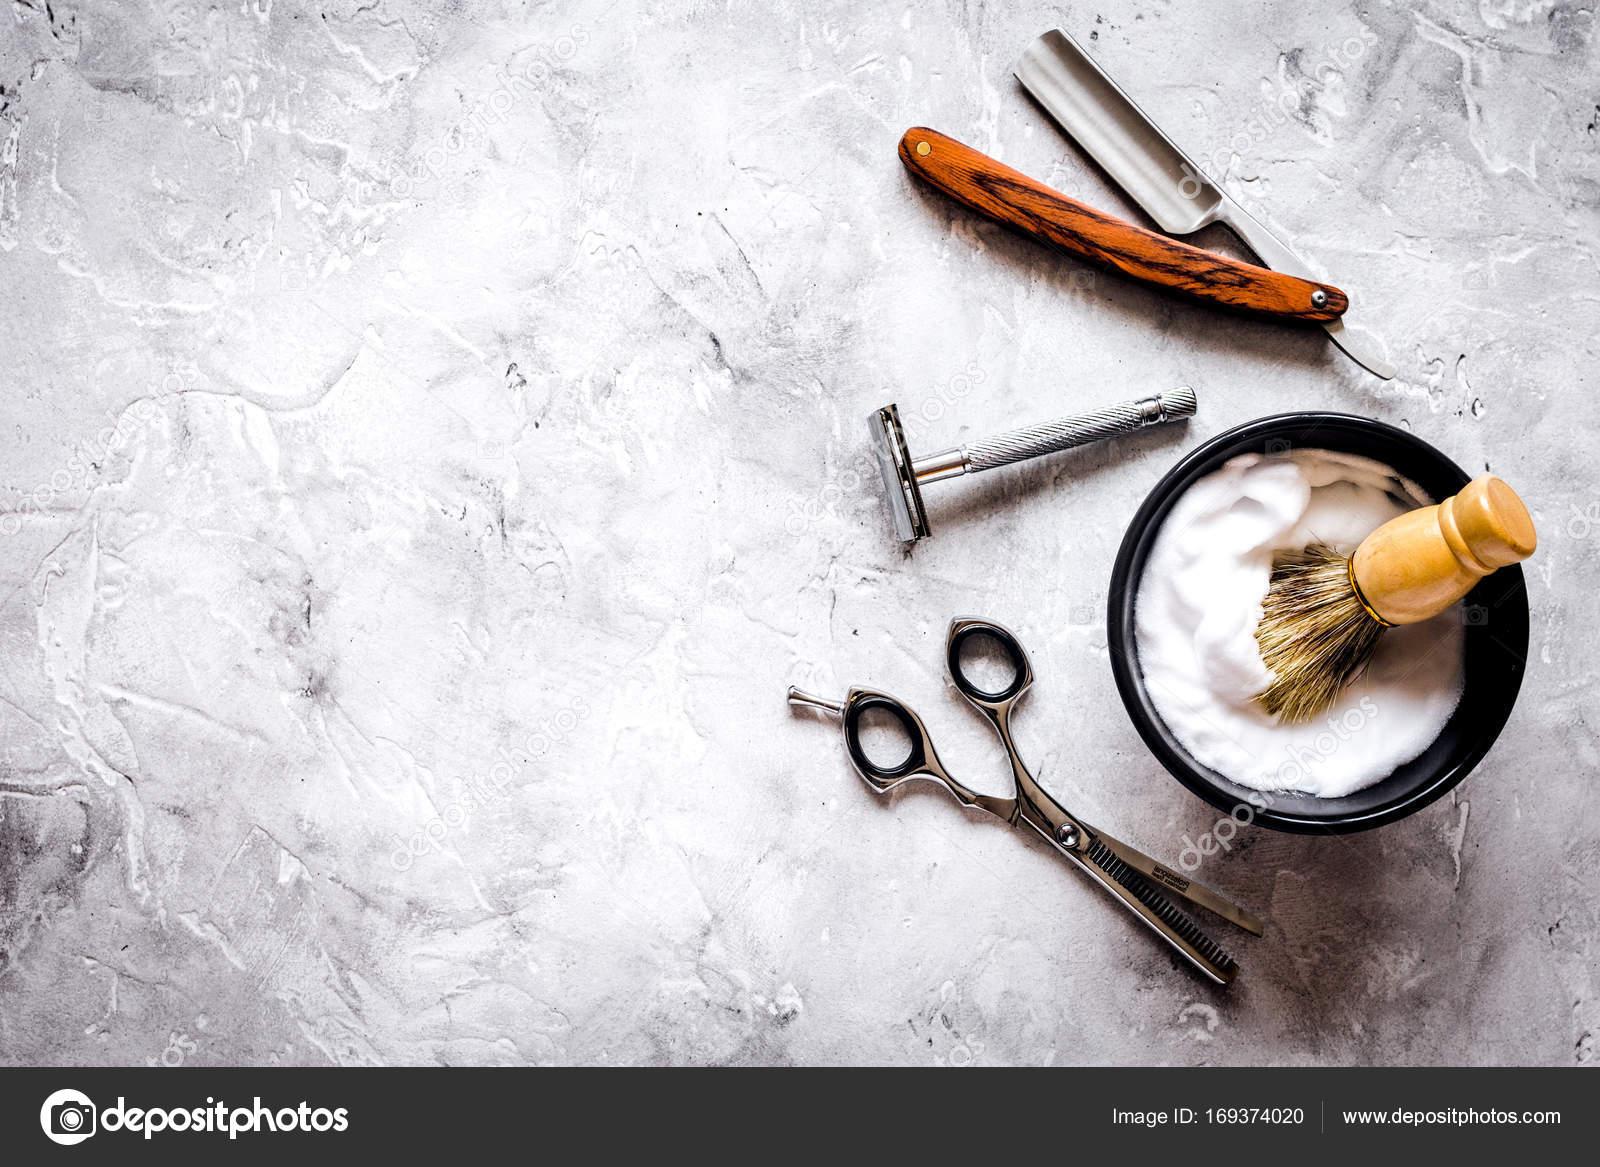 Bureau de coiffure mens avec outils pour le rasage vue de dessus